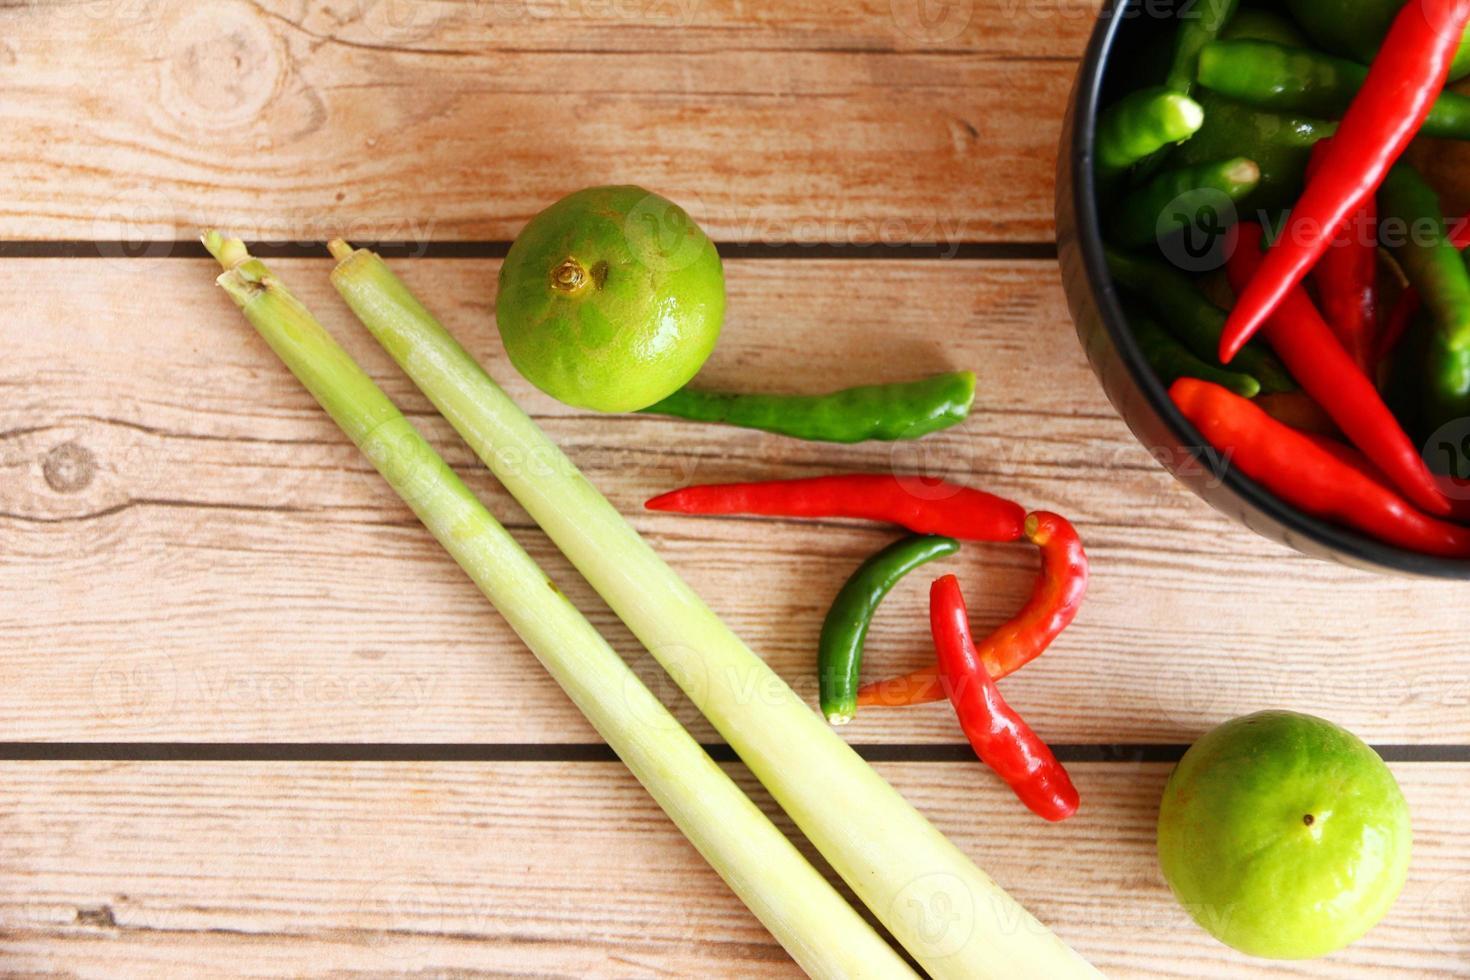 Thaise tom yamsoepkruiden en specerijen. foto